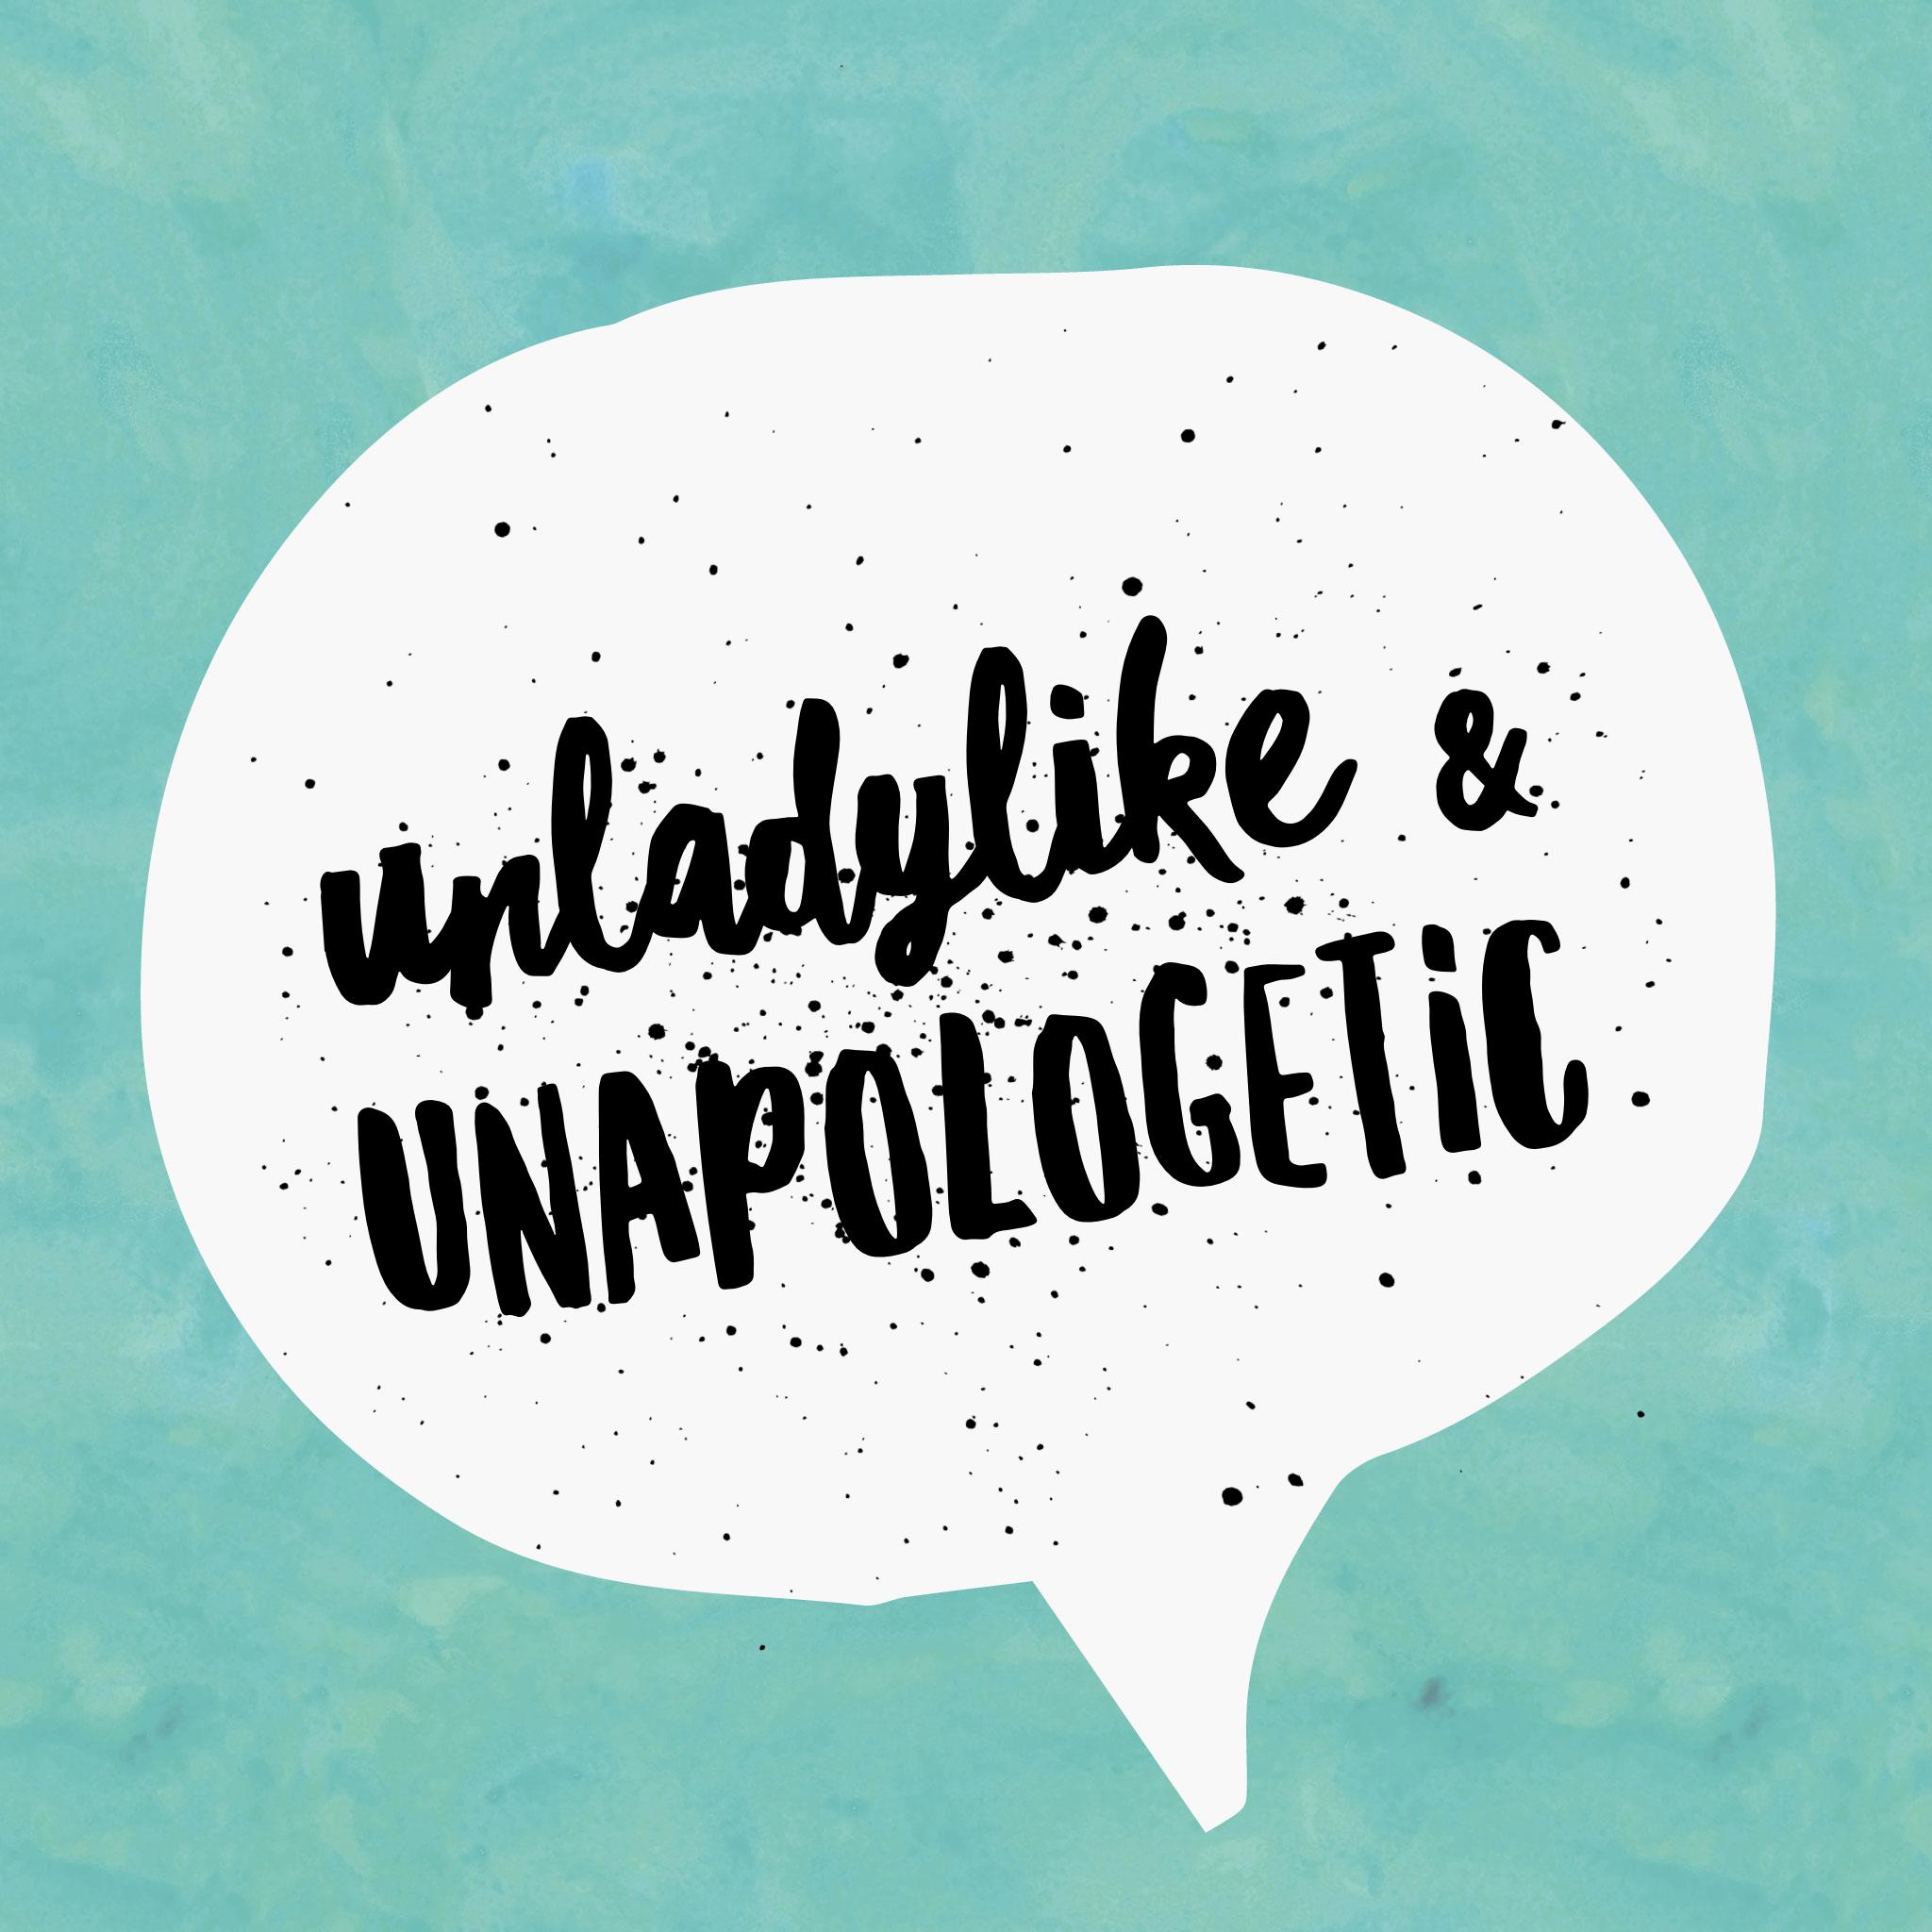 Unladylike and Unapologetic